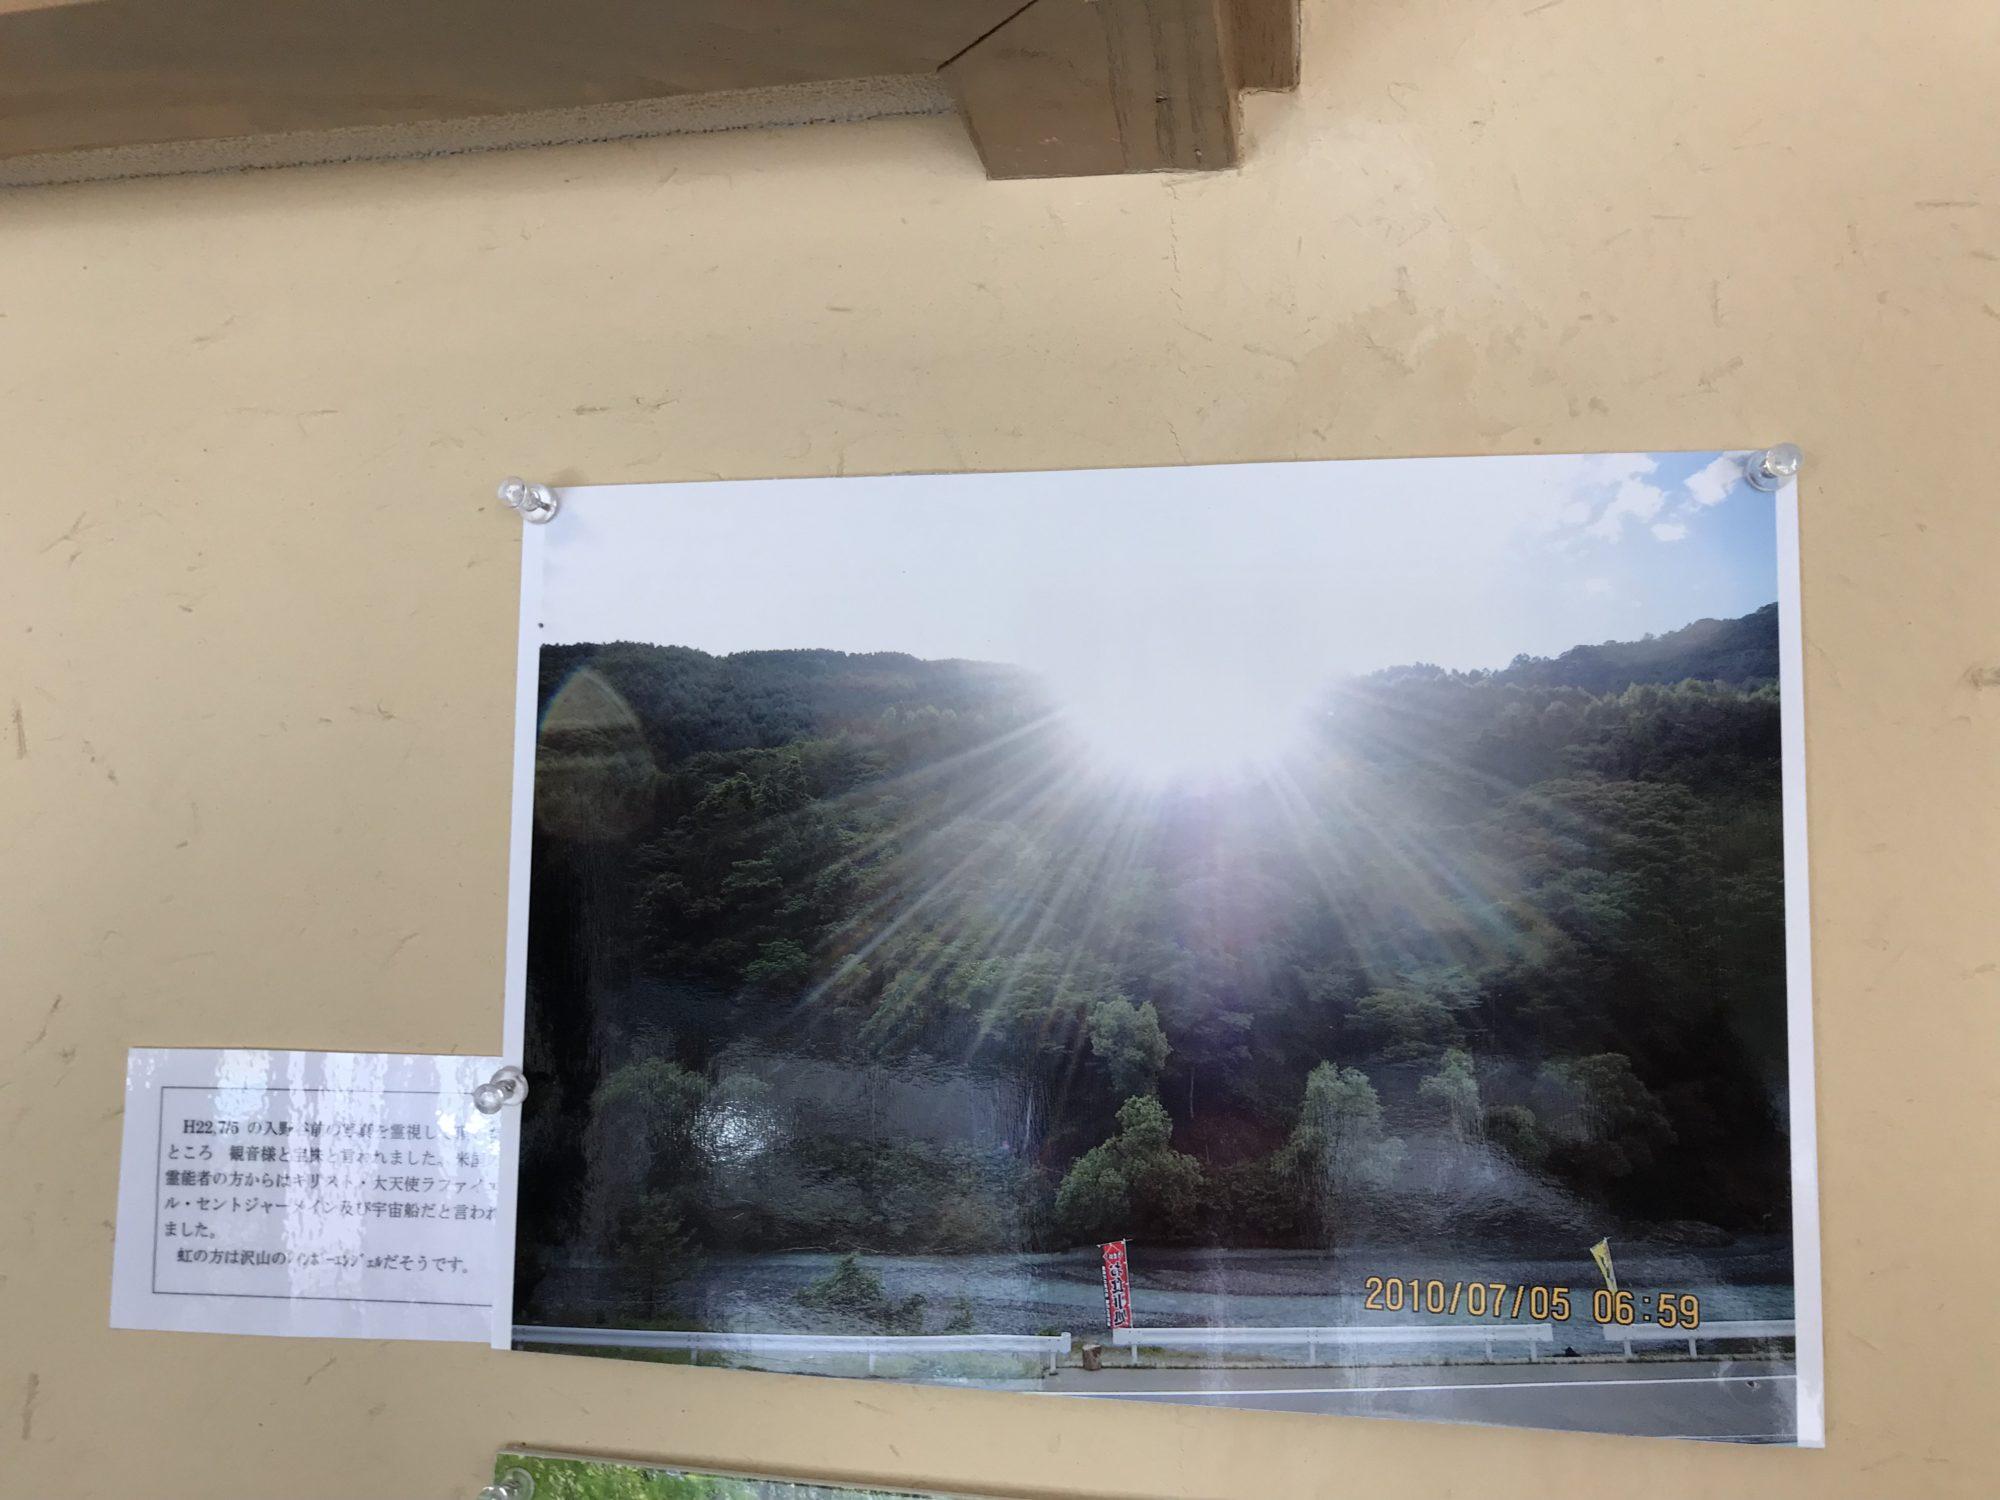 入野谷ロビーにあった目の前の川の写真